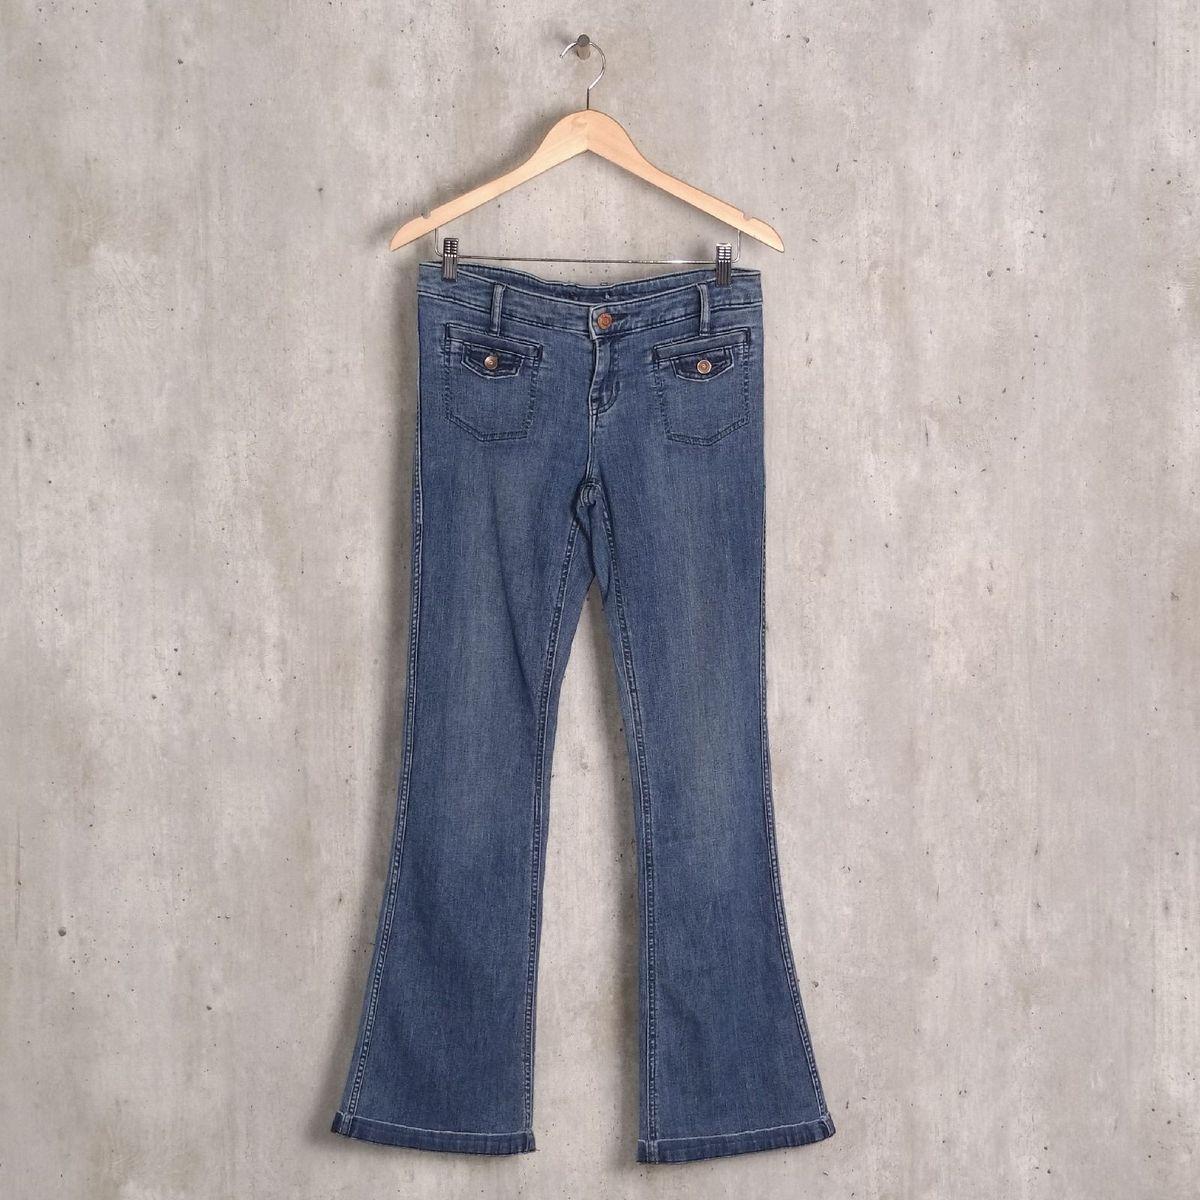 calça jeans azul gap - calças gap